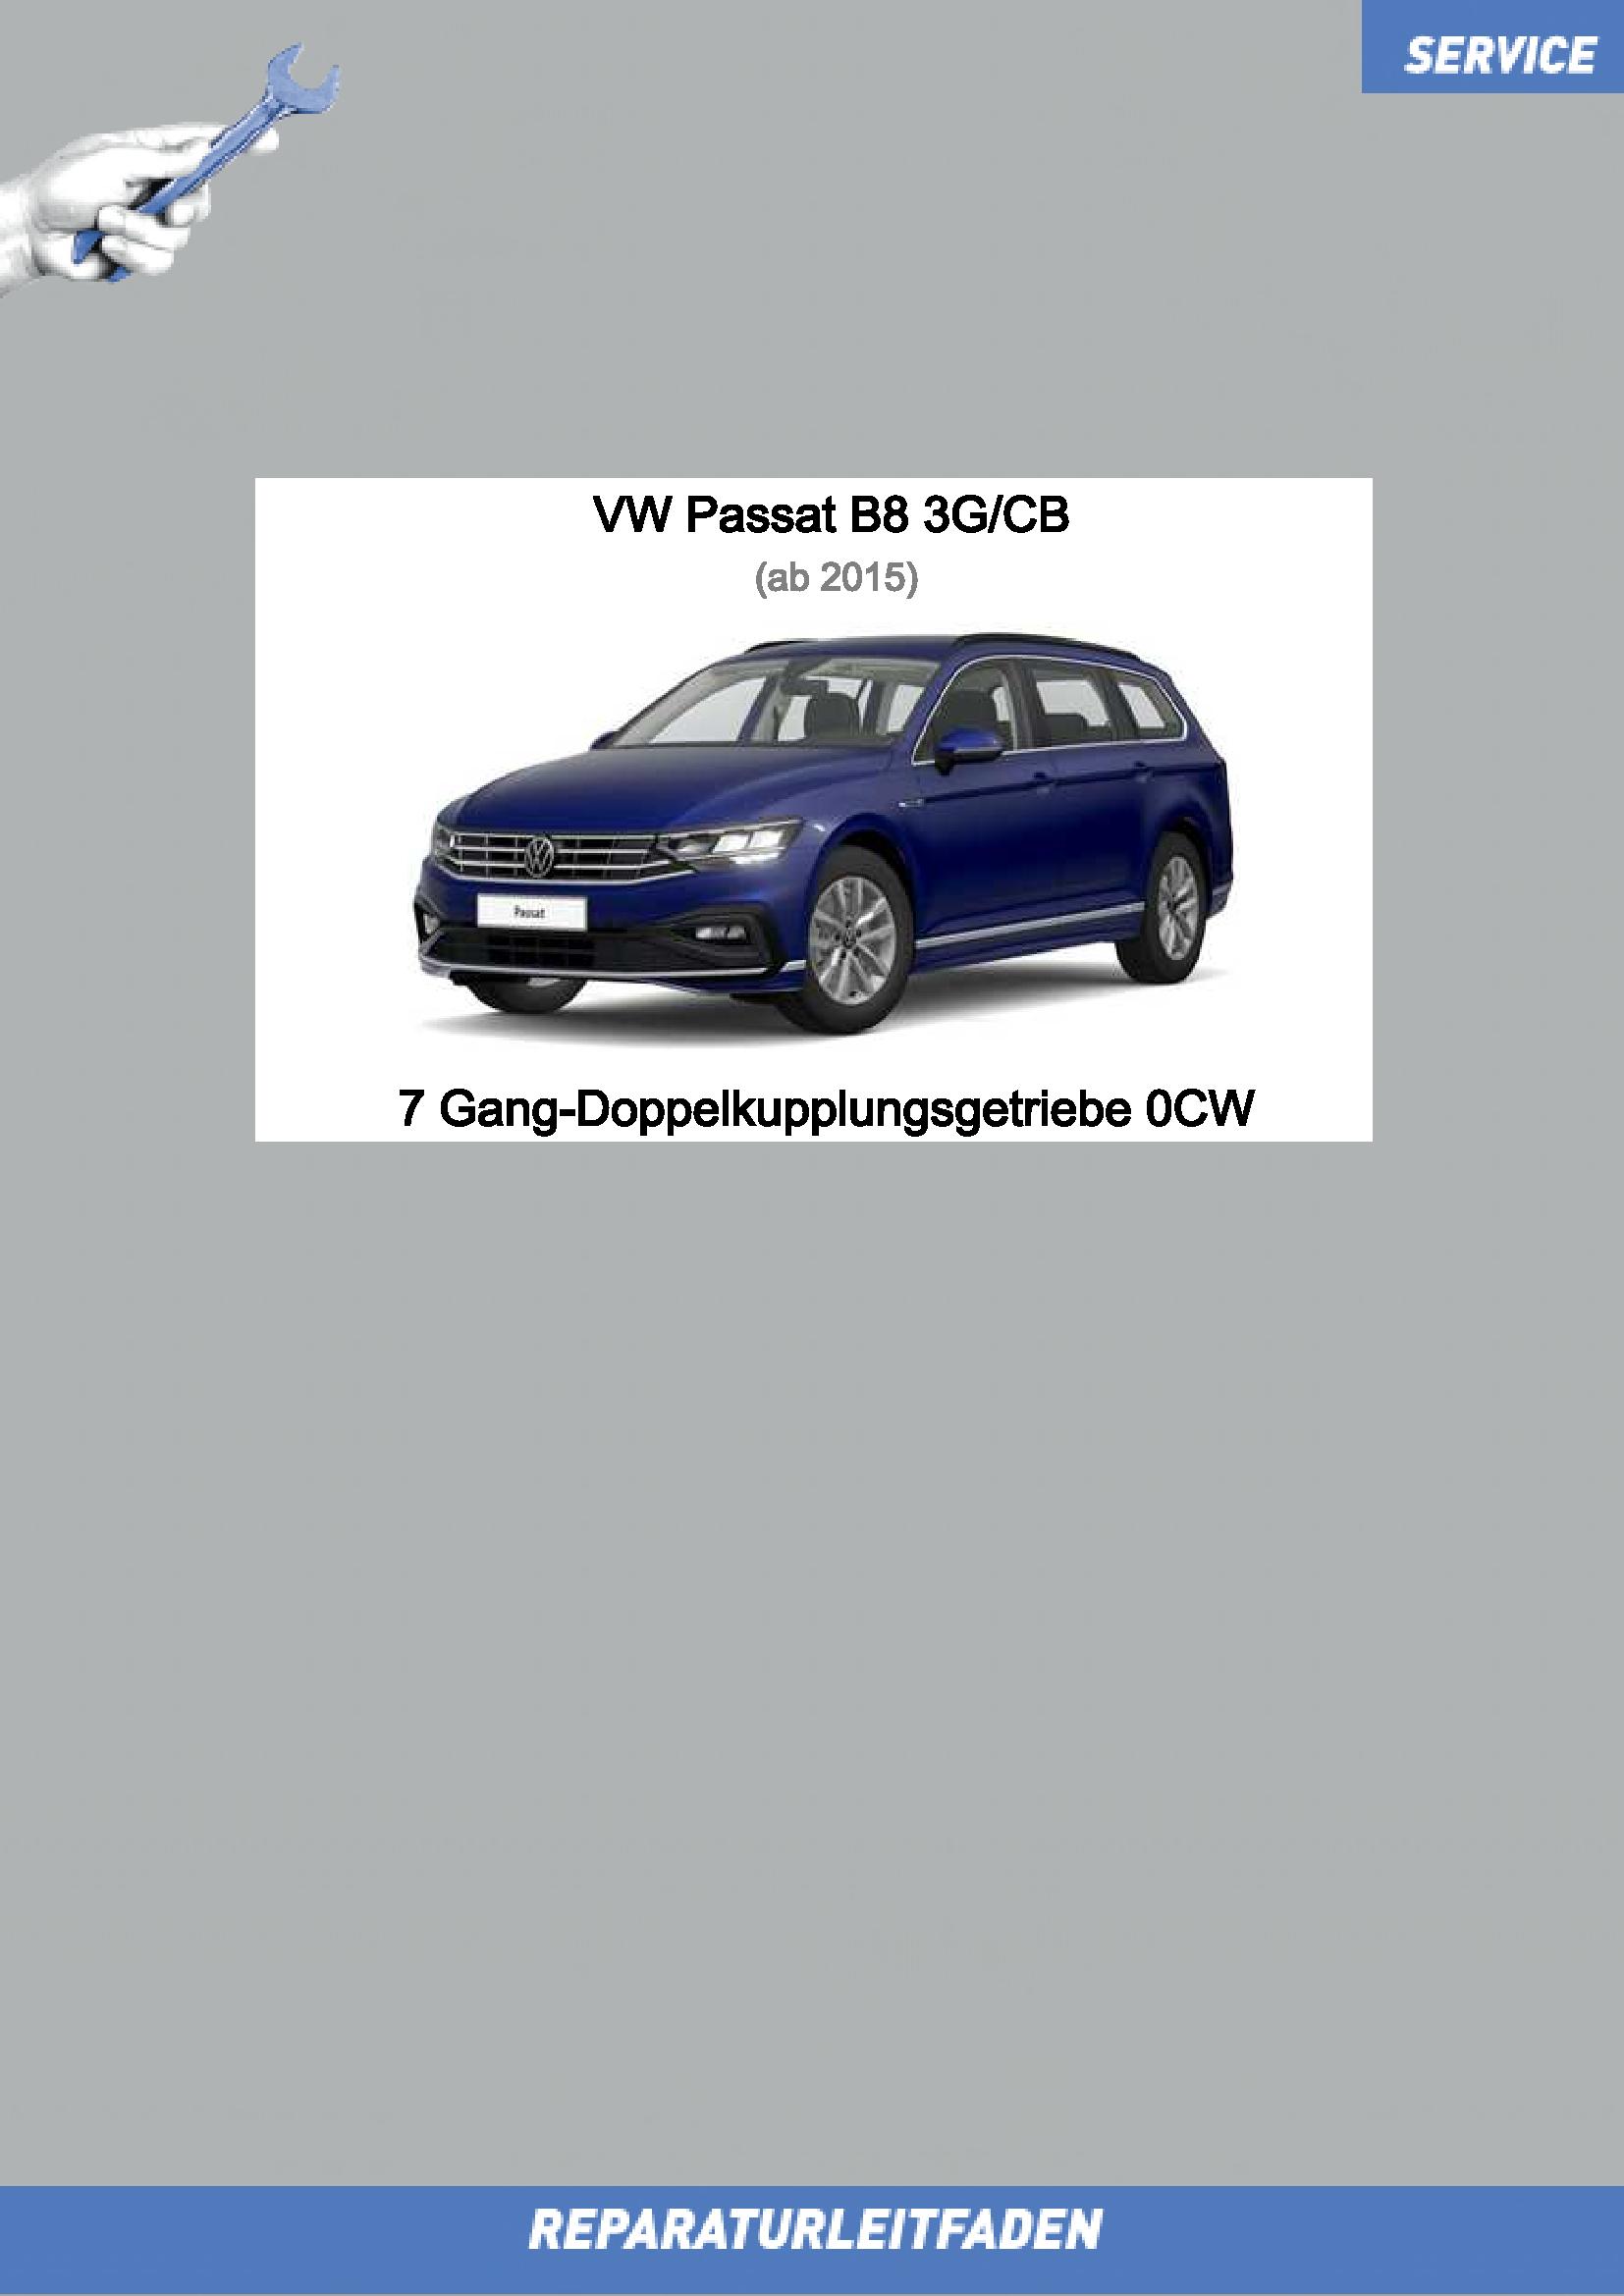 vw-passat-3g-0017-7_gang_doppelkupplungsgetriebe_0cw_1.png